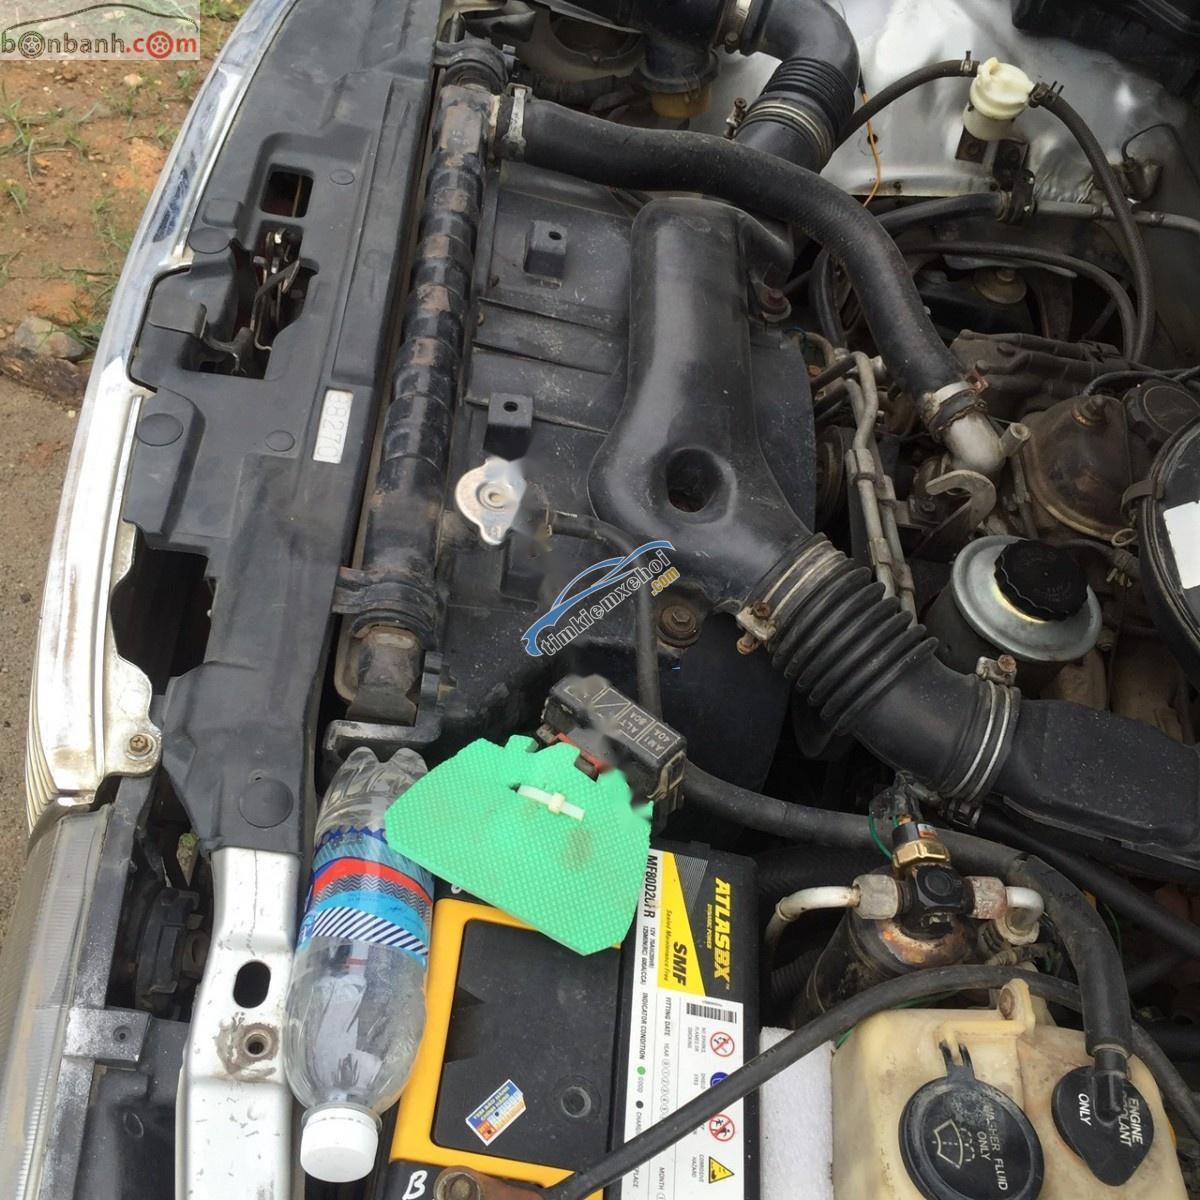 Bán Toyota Crown đời 1993, nhập khẩu, xe đẹp nguyên bản 90℅, máy cực ngon